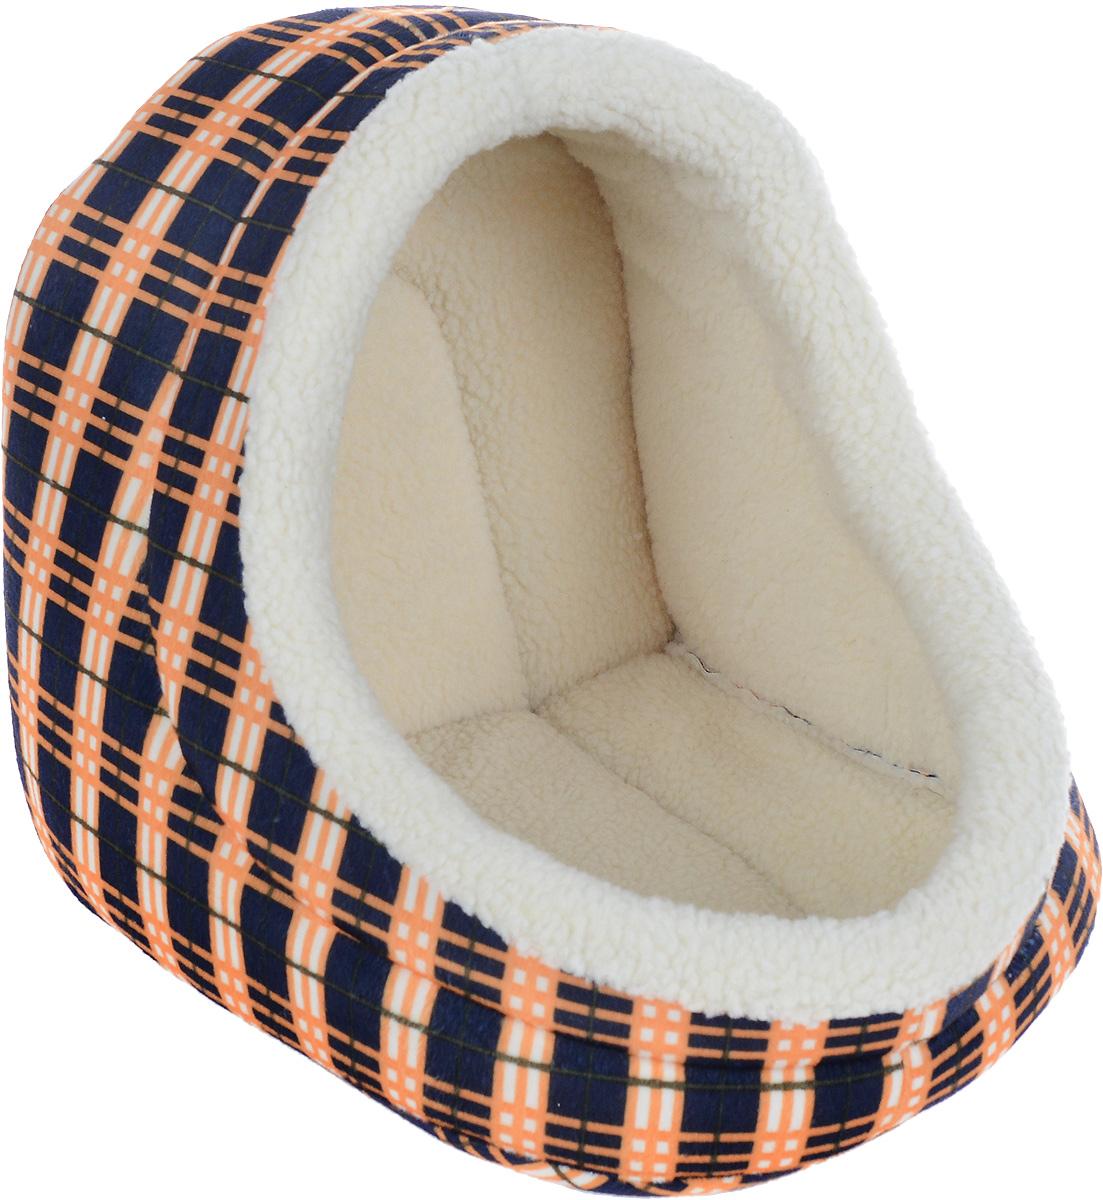 Домик для животных Каскад Клетка. №2, 38 х 35 х 34 см91002863Домик для животных Каскад Клетка. №2, выполненный из высококачественного текстиля, обязательно понравится вашему питомцу. Домик предназначен для собак и кошек. Он очень удобный и уютный. Ваш любимец обязательно захочет забраться в этот домик, как только его увидит. Компактные размеры позволят поместить домик где угодно, а приятная цветовая гамма сделает его оригинальным дополнением любого интерьера.